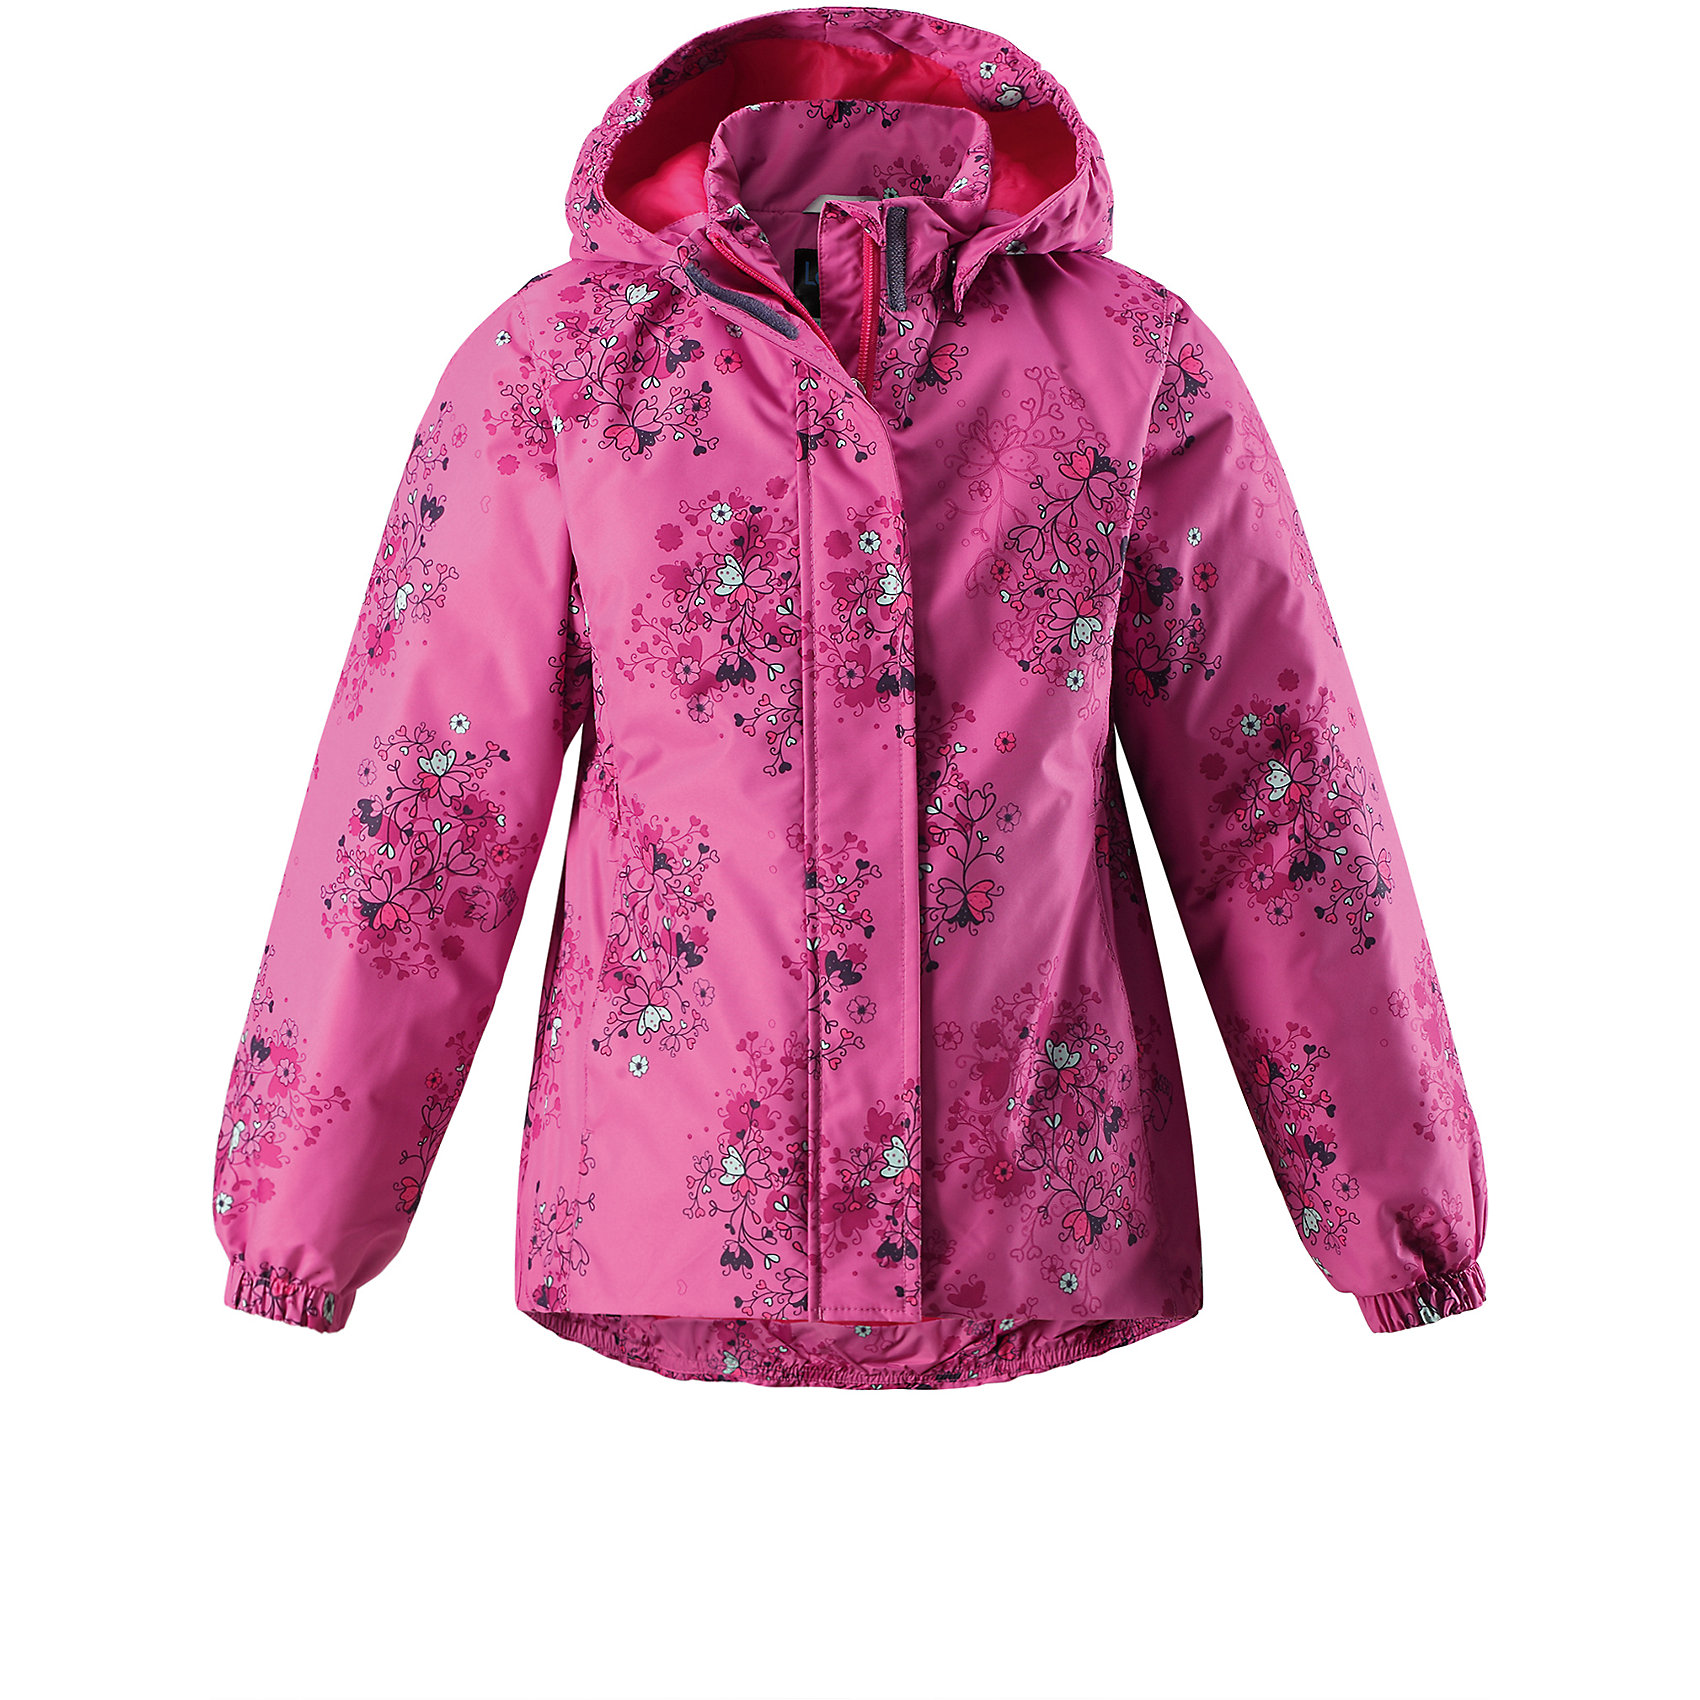 Куртка  для девочки LASSIEОдежда<br>Куртка  для девочки LASSIE<br>Состав:<br>100% Полиэстер, полиуретановое покрытие<br> Куртка для детей.<br> Водоотталкивающий, ветронепроницаемый и «дышащий» материал.<br> Крой для девочек.<br> Гладкая подкладка из полиэстра.<br> Легкая степень утепления.<br> Безопасный, съемный капюшон.<br> Эластичные манжеты.<br> Эластичная талия.<br> Эластичная кромка подола.<br> Карманы в боковых швах.<br><br>Ширина мм: 356<br>Глубина мм: 10<br>Высота мм: 245<br>Вес г: 519<br>Цвет: красный<br>Возраст от месяцев: 96<br>Возраст до месяцев: 108<br>Пол: Женский<br>Возраст: Детский<br>Размер: 92,128,116,140,134,122,110,104,98<br>SKU: 5264980